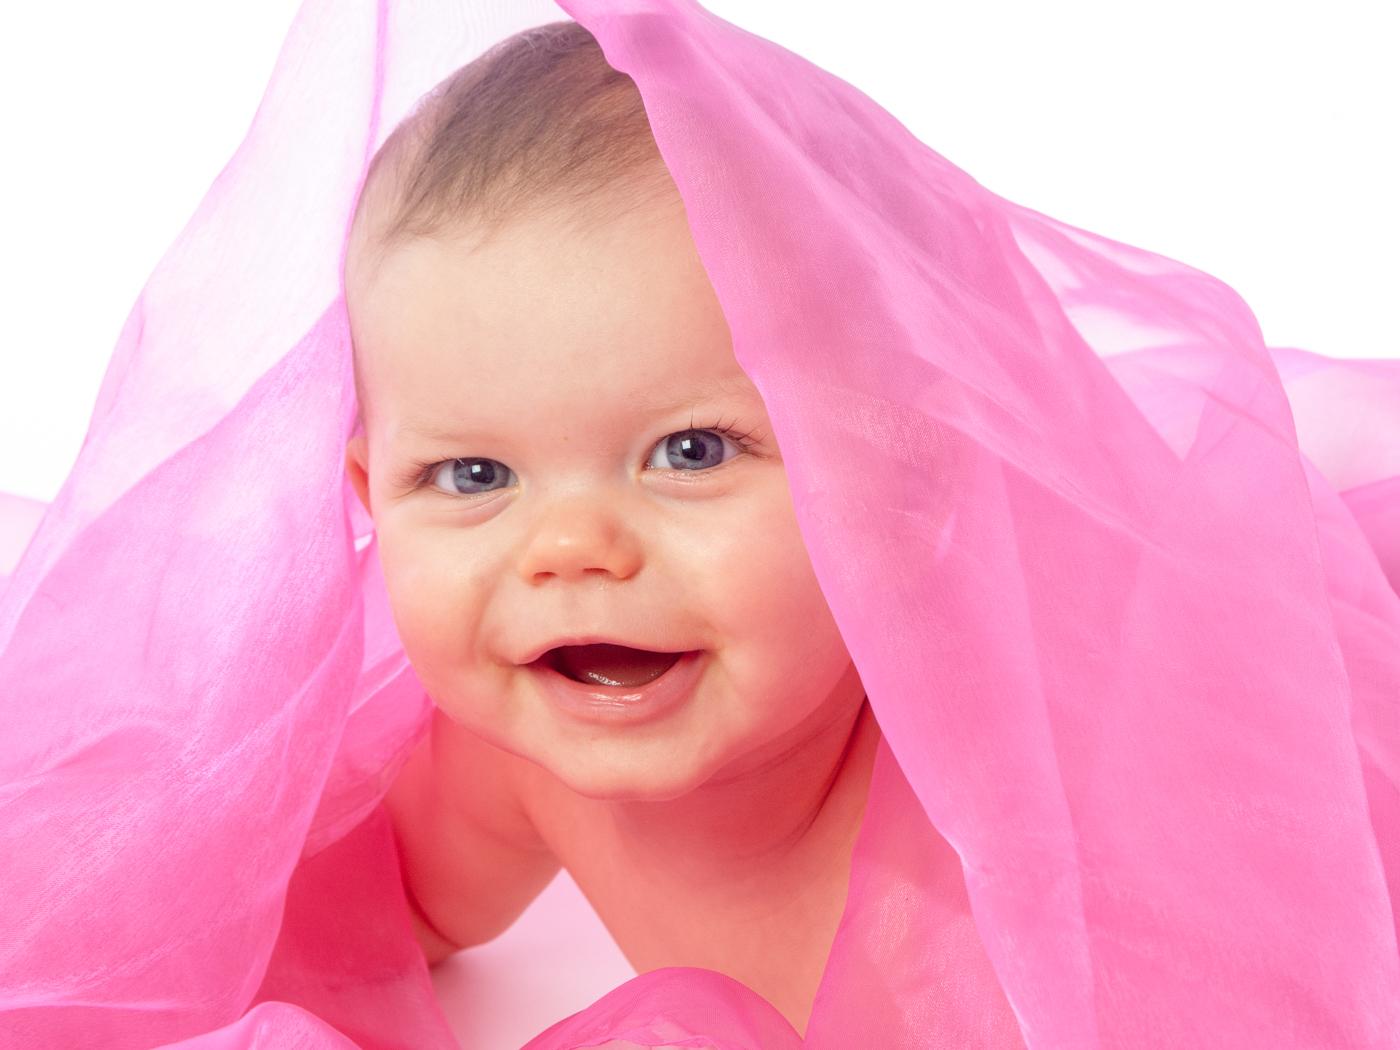 The Brighton Baby Photographer